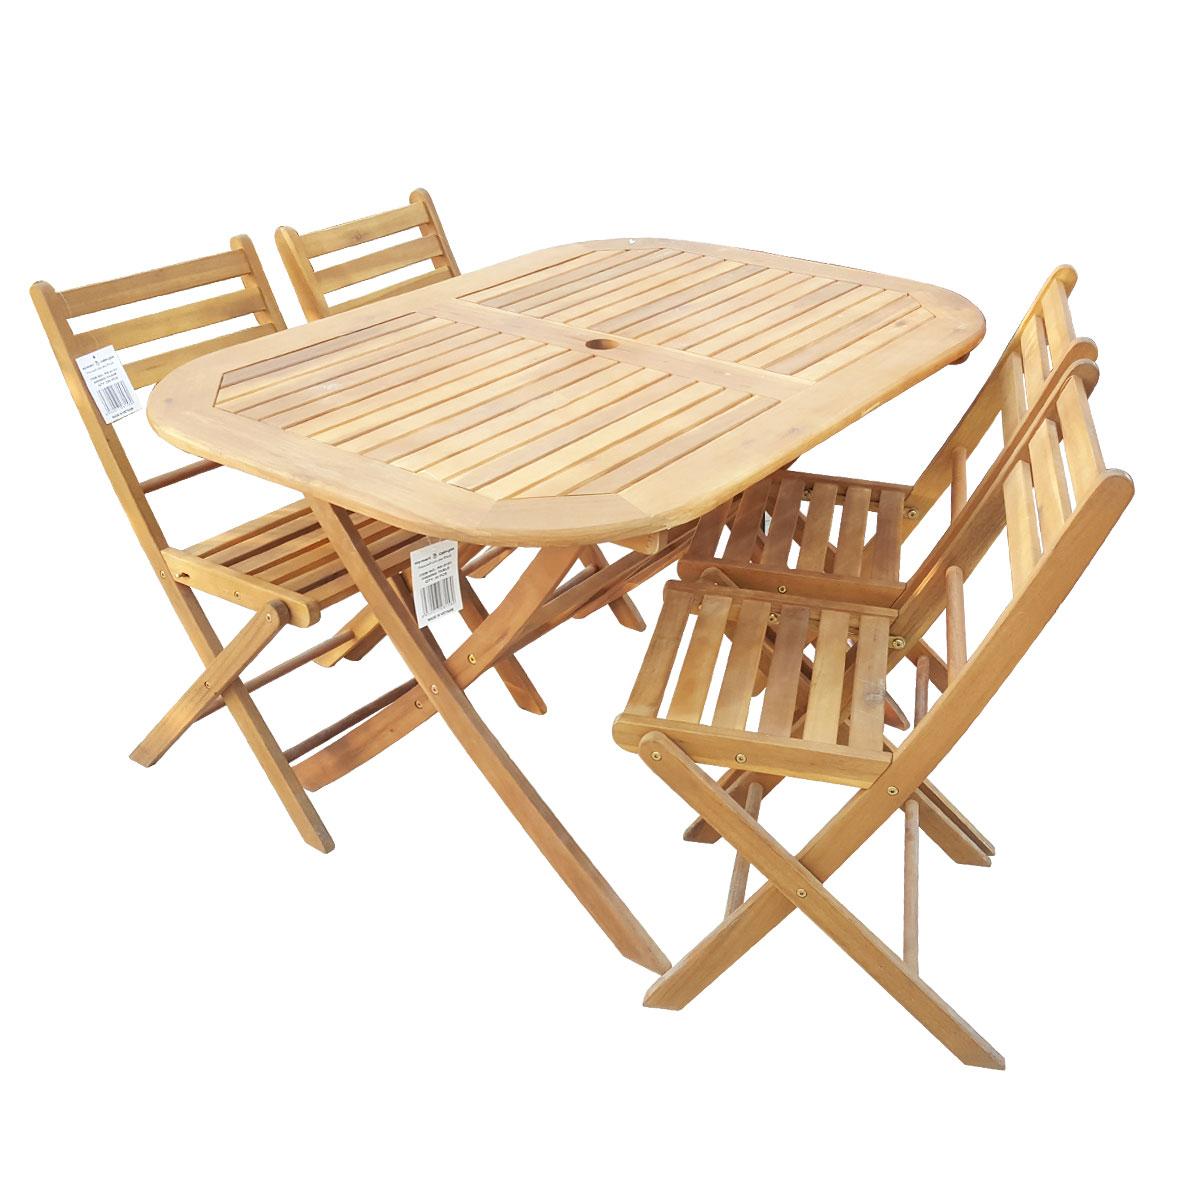 طاولة شرائح خشبية مع 4 كرسي - فيتنامي -  RK-0151